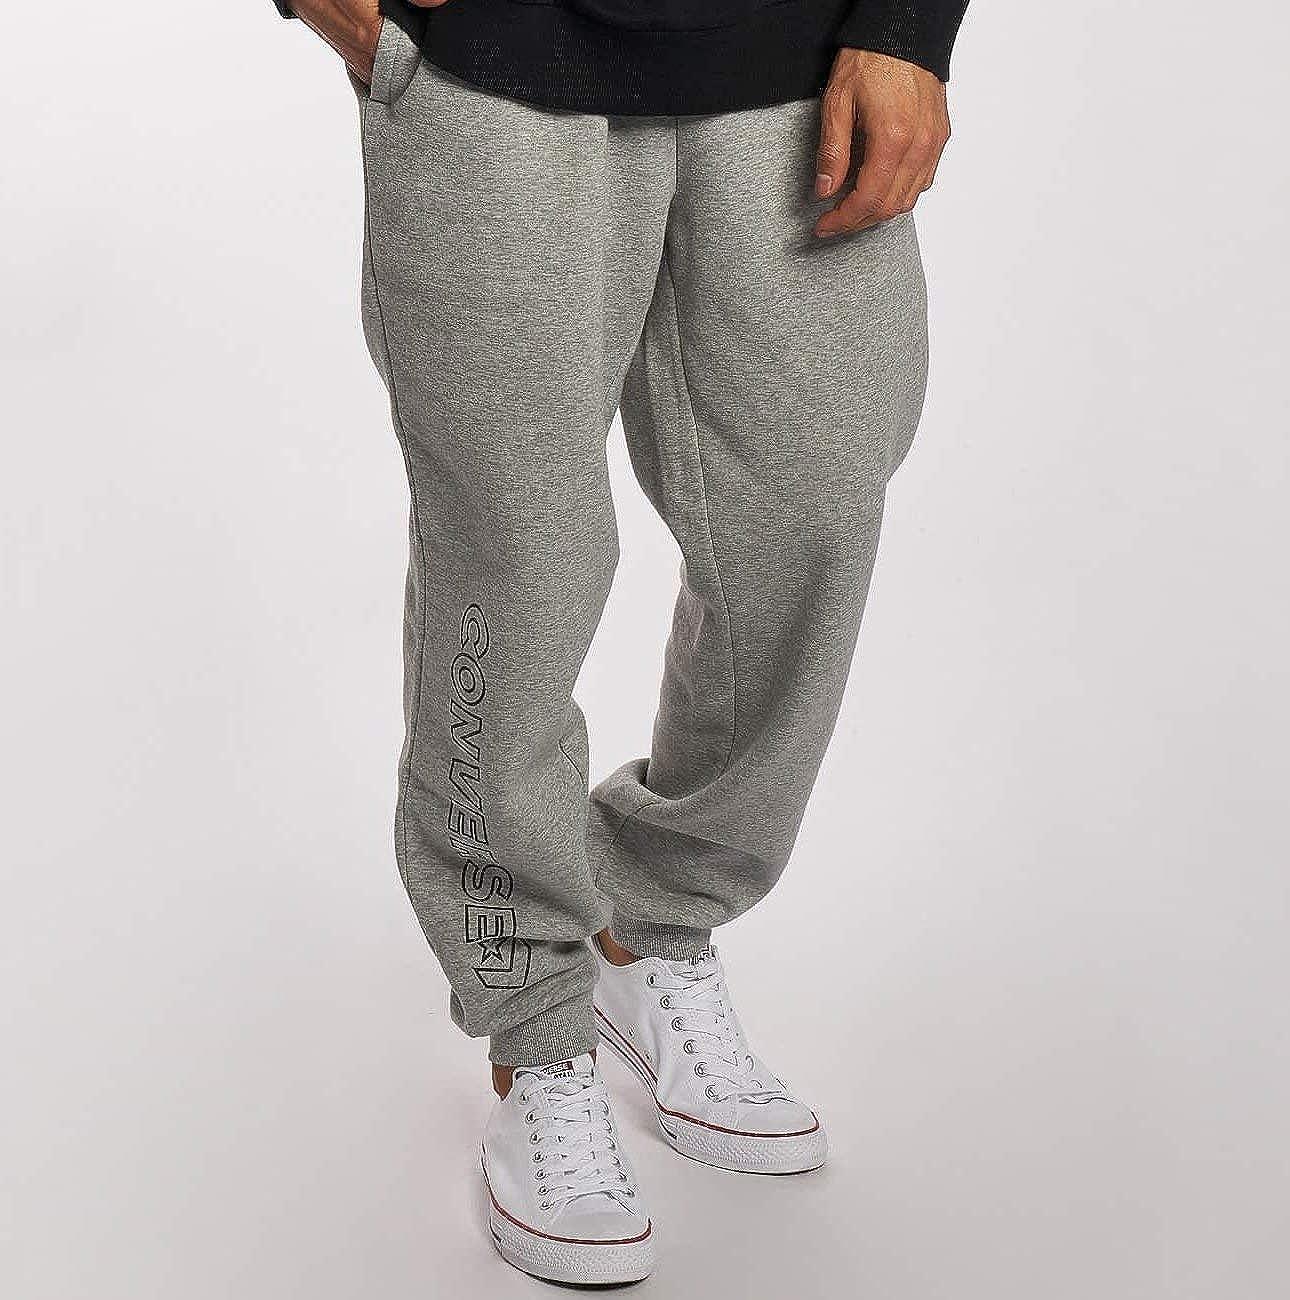 Converse Men Pants/Sweat Pant Chevron 10006479 A02 35